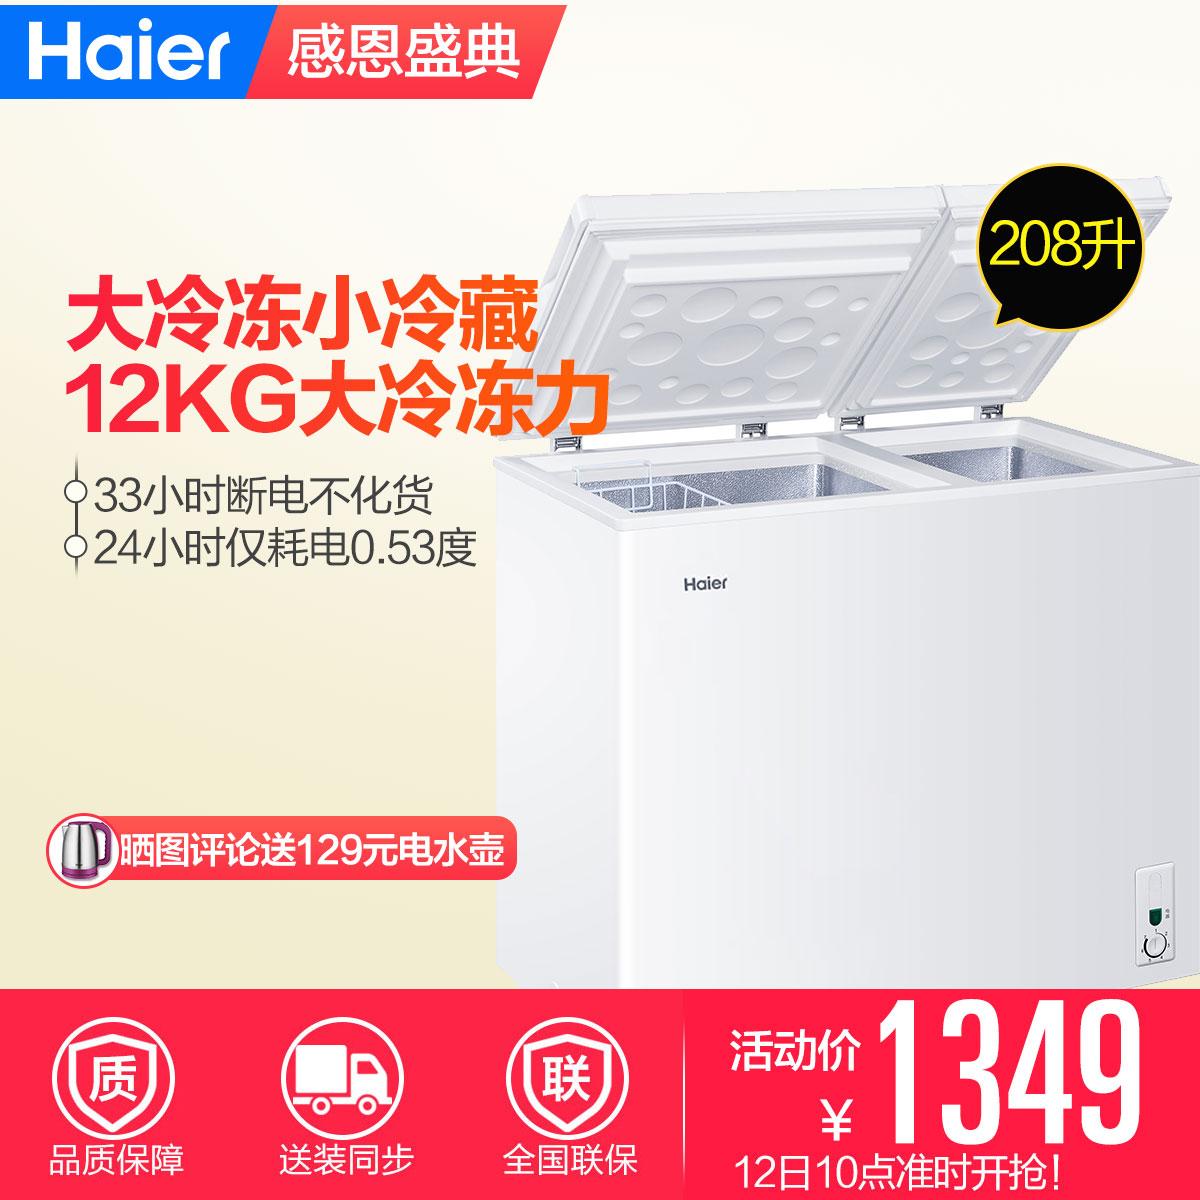 海尔208升家用大冷冻小冷藏冷柜,149L大箱冷冻+59L小箱冷藏;深冷速冻,12KG大冷冻力;33小时断电不化货;节能省电,24小时仅耗电0.53度;全封闭拉扣式内胆。 FCD-208XHT